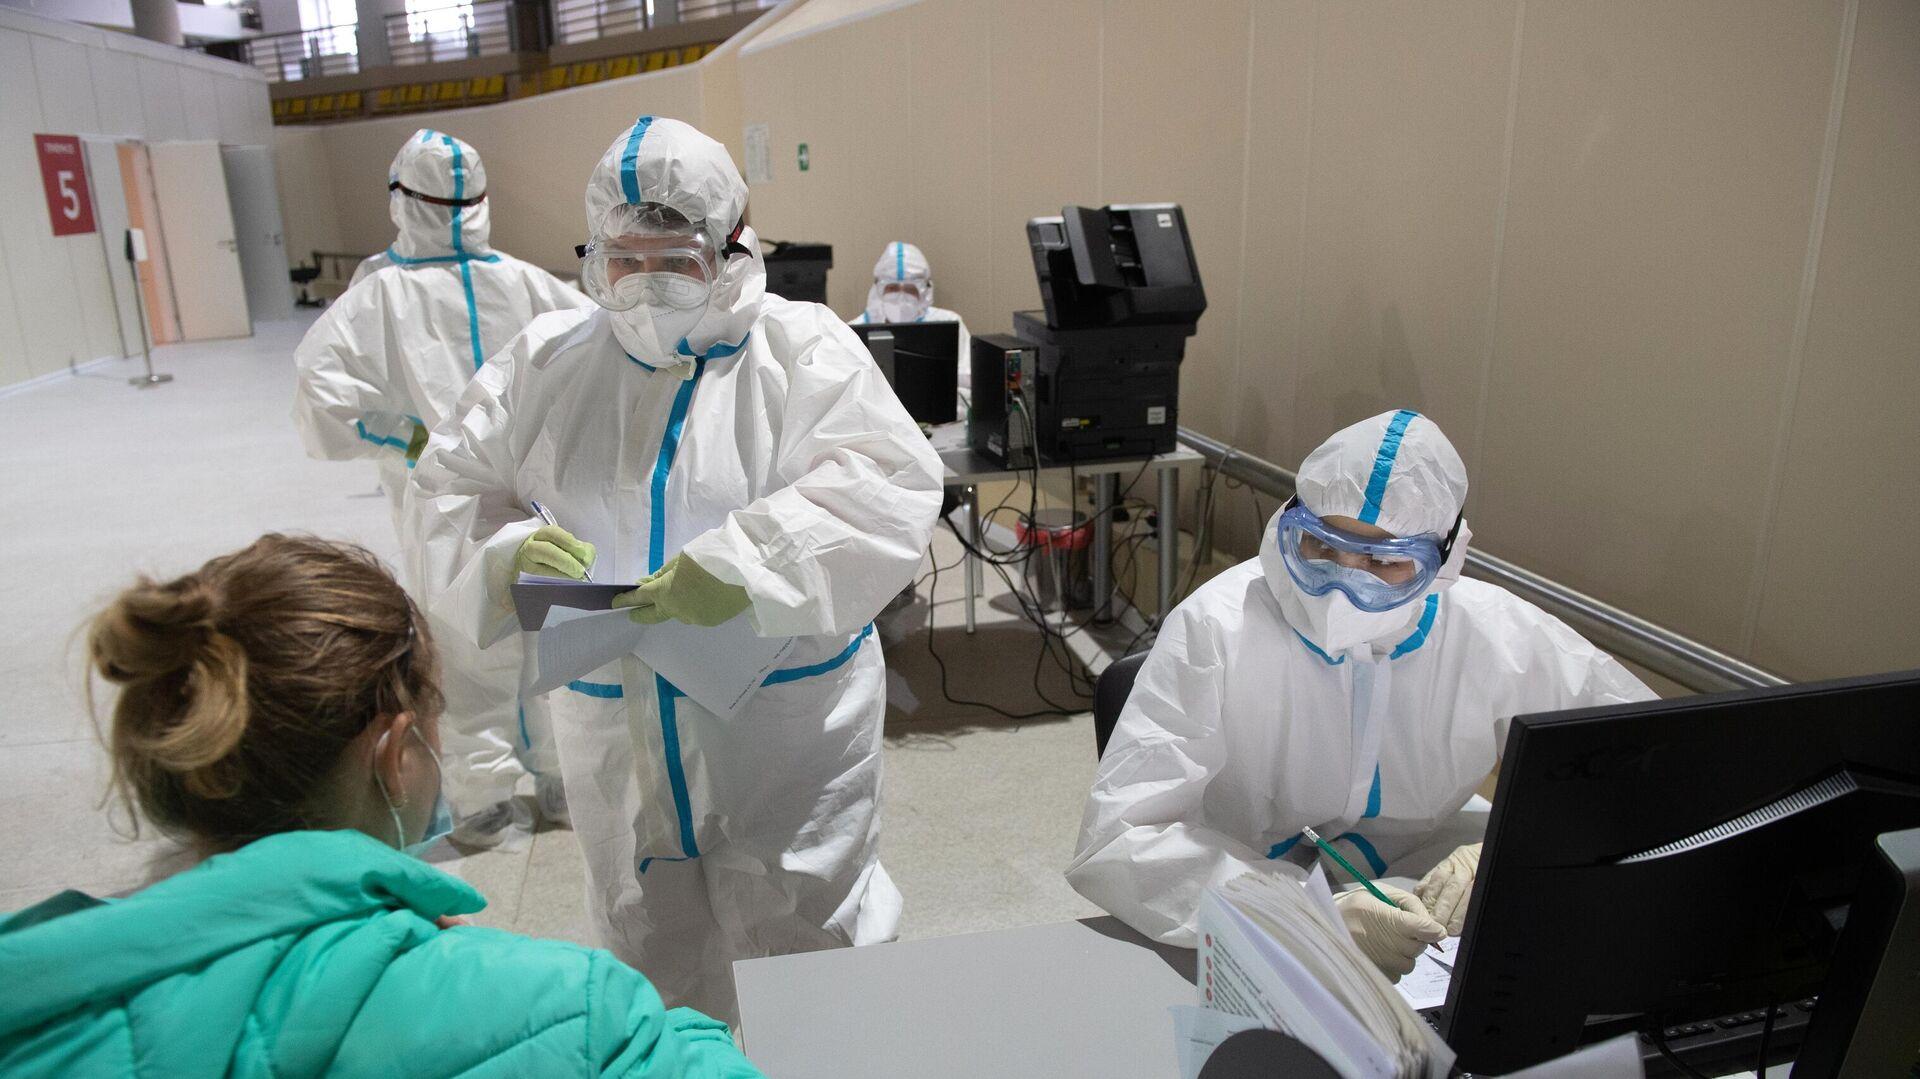 Медицинский работники приемного отделения осматривает пациентку во временном госпитале для пациентов с COVID-19, развернутом в ледовом дворце Крылатское - РИА Новости, 1920, 27.11.2020